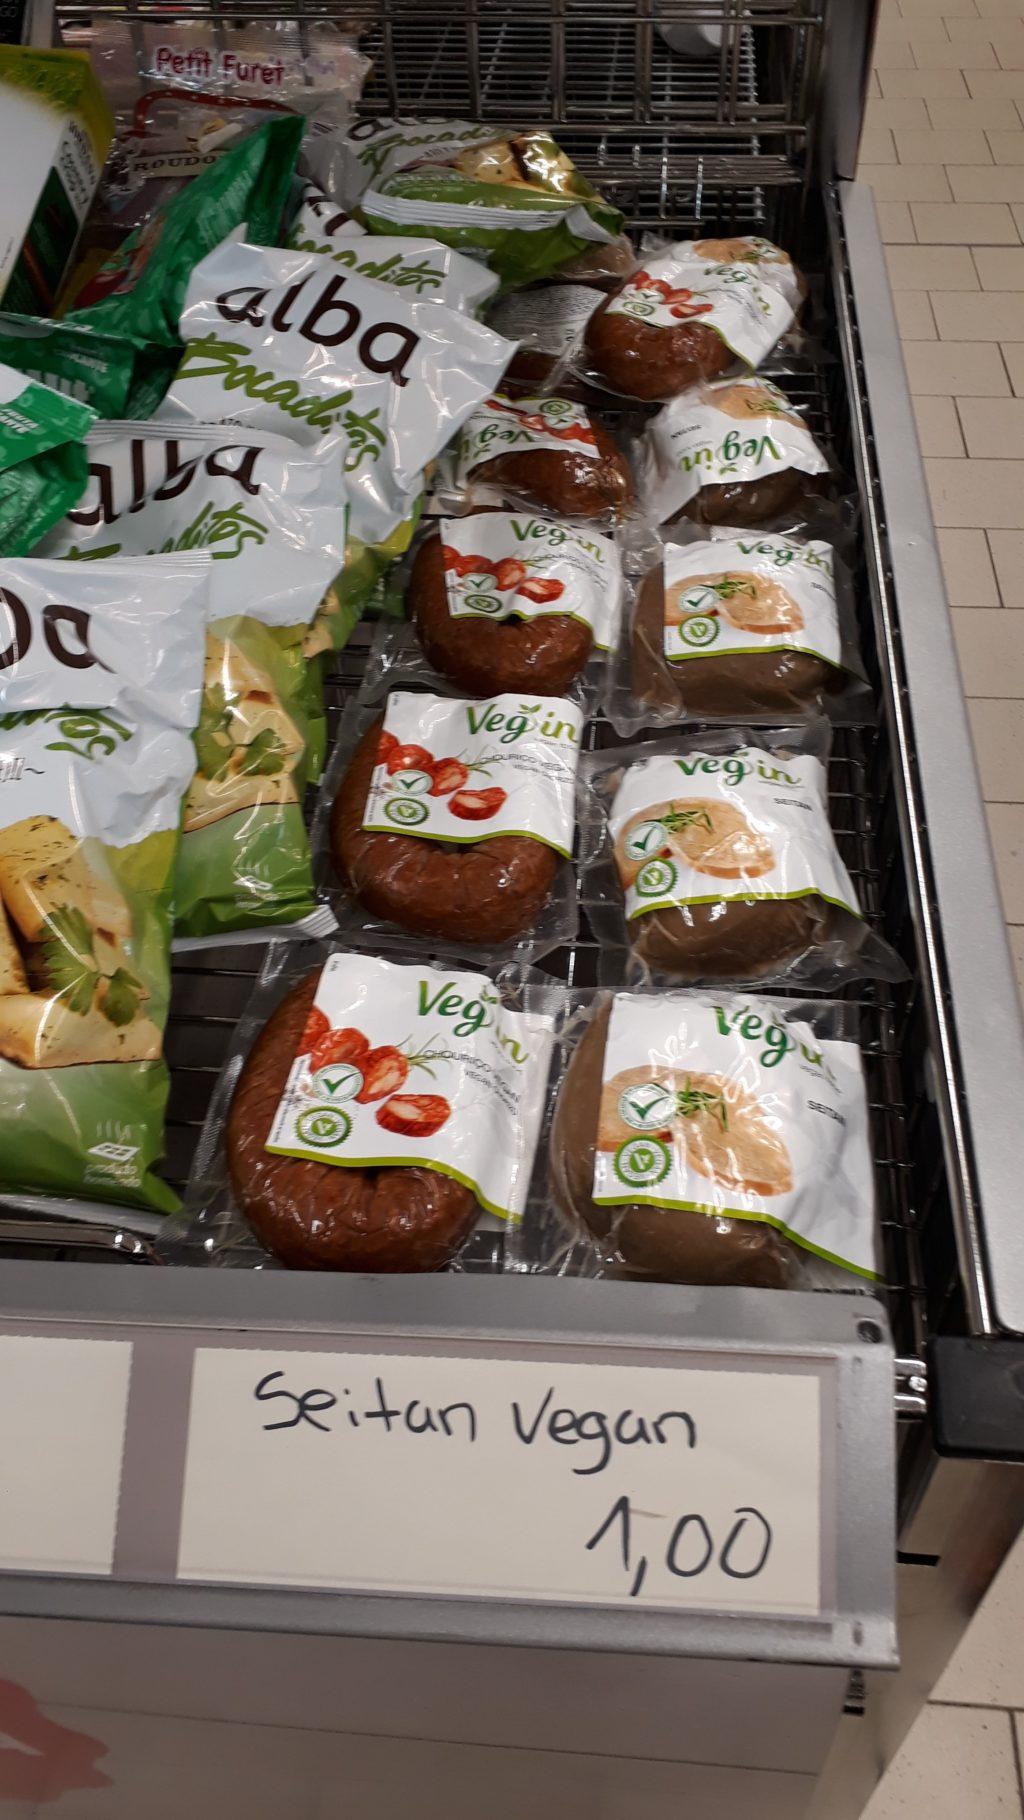 Vegane Chorizo (Paprika-Knoblauch-Wurst) von Veg In